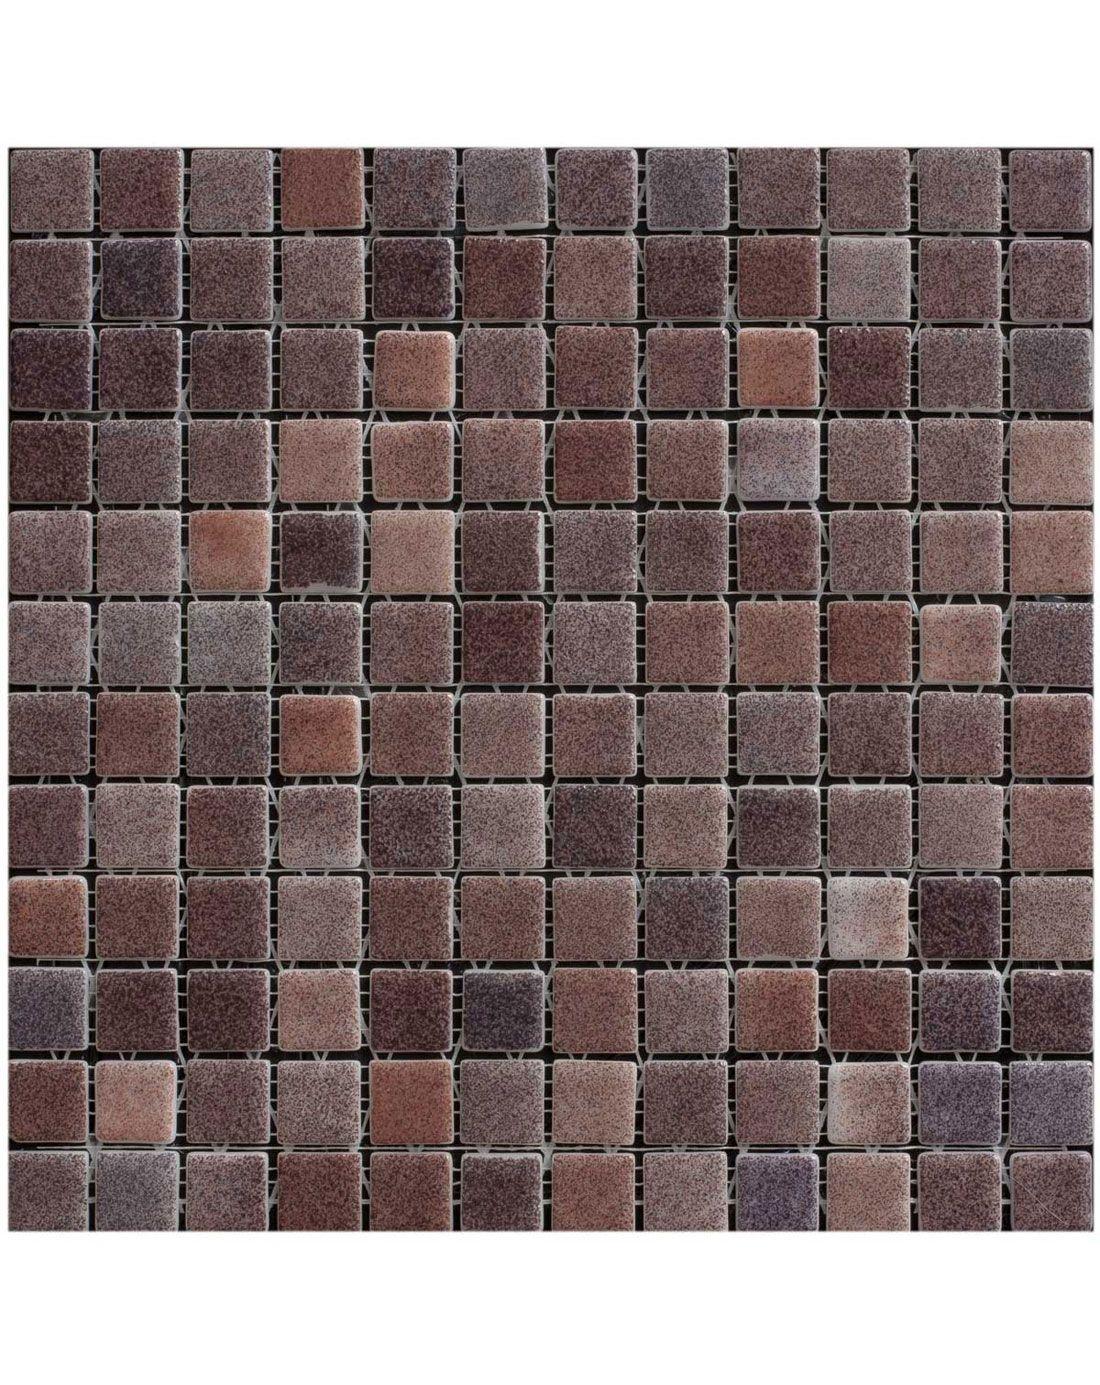 Br Morado Marron Mosaic Wall Tiles Kitchen Wall Tiles Mosaic Wall Tiles Wall Tiles